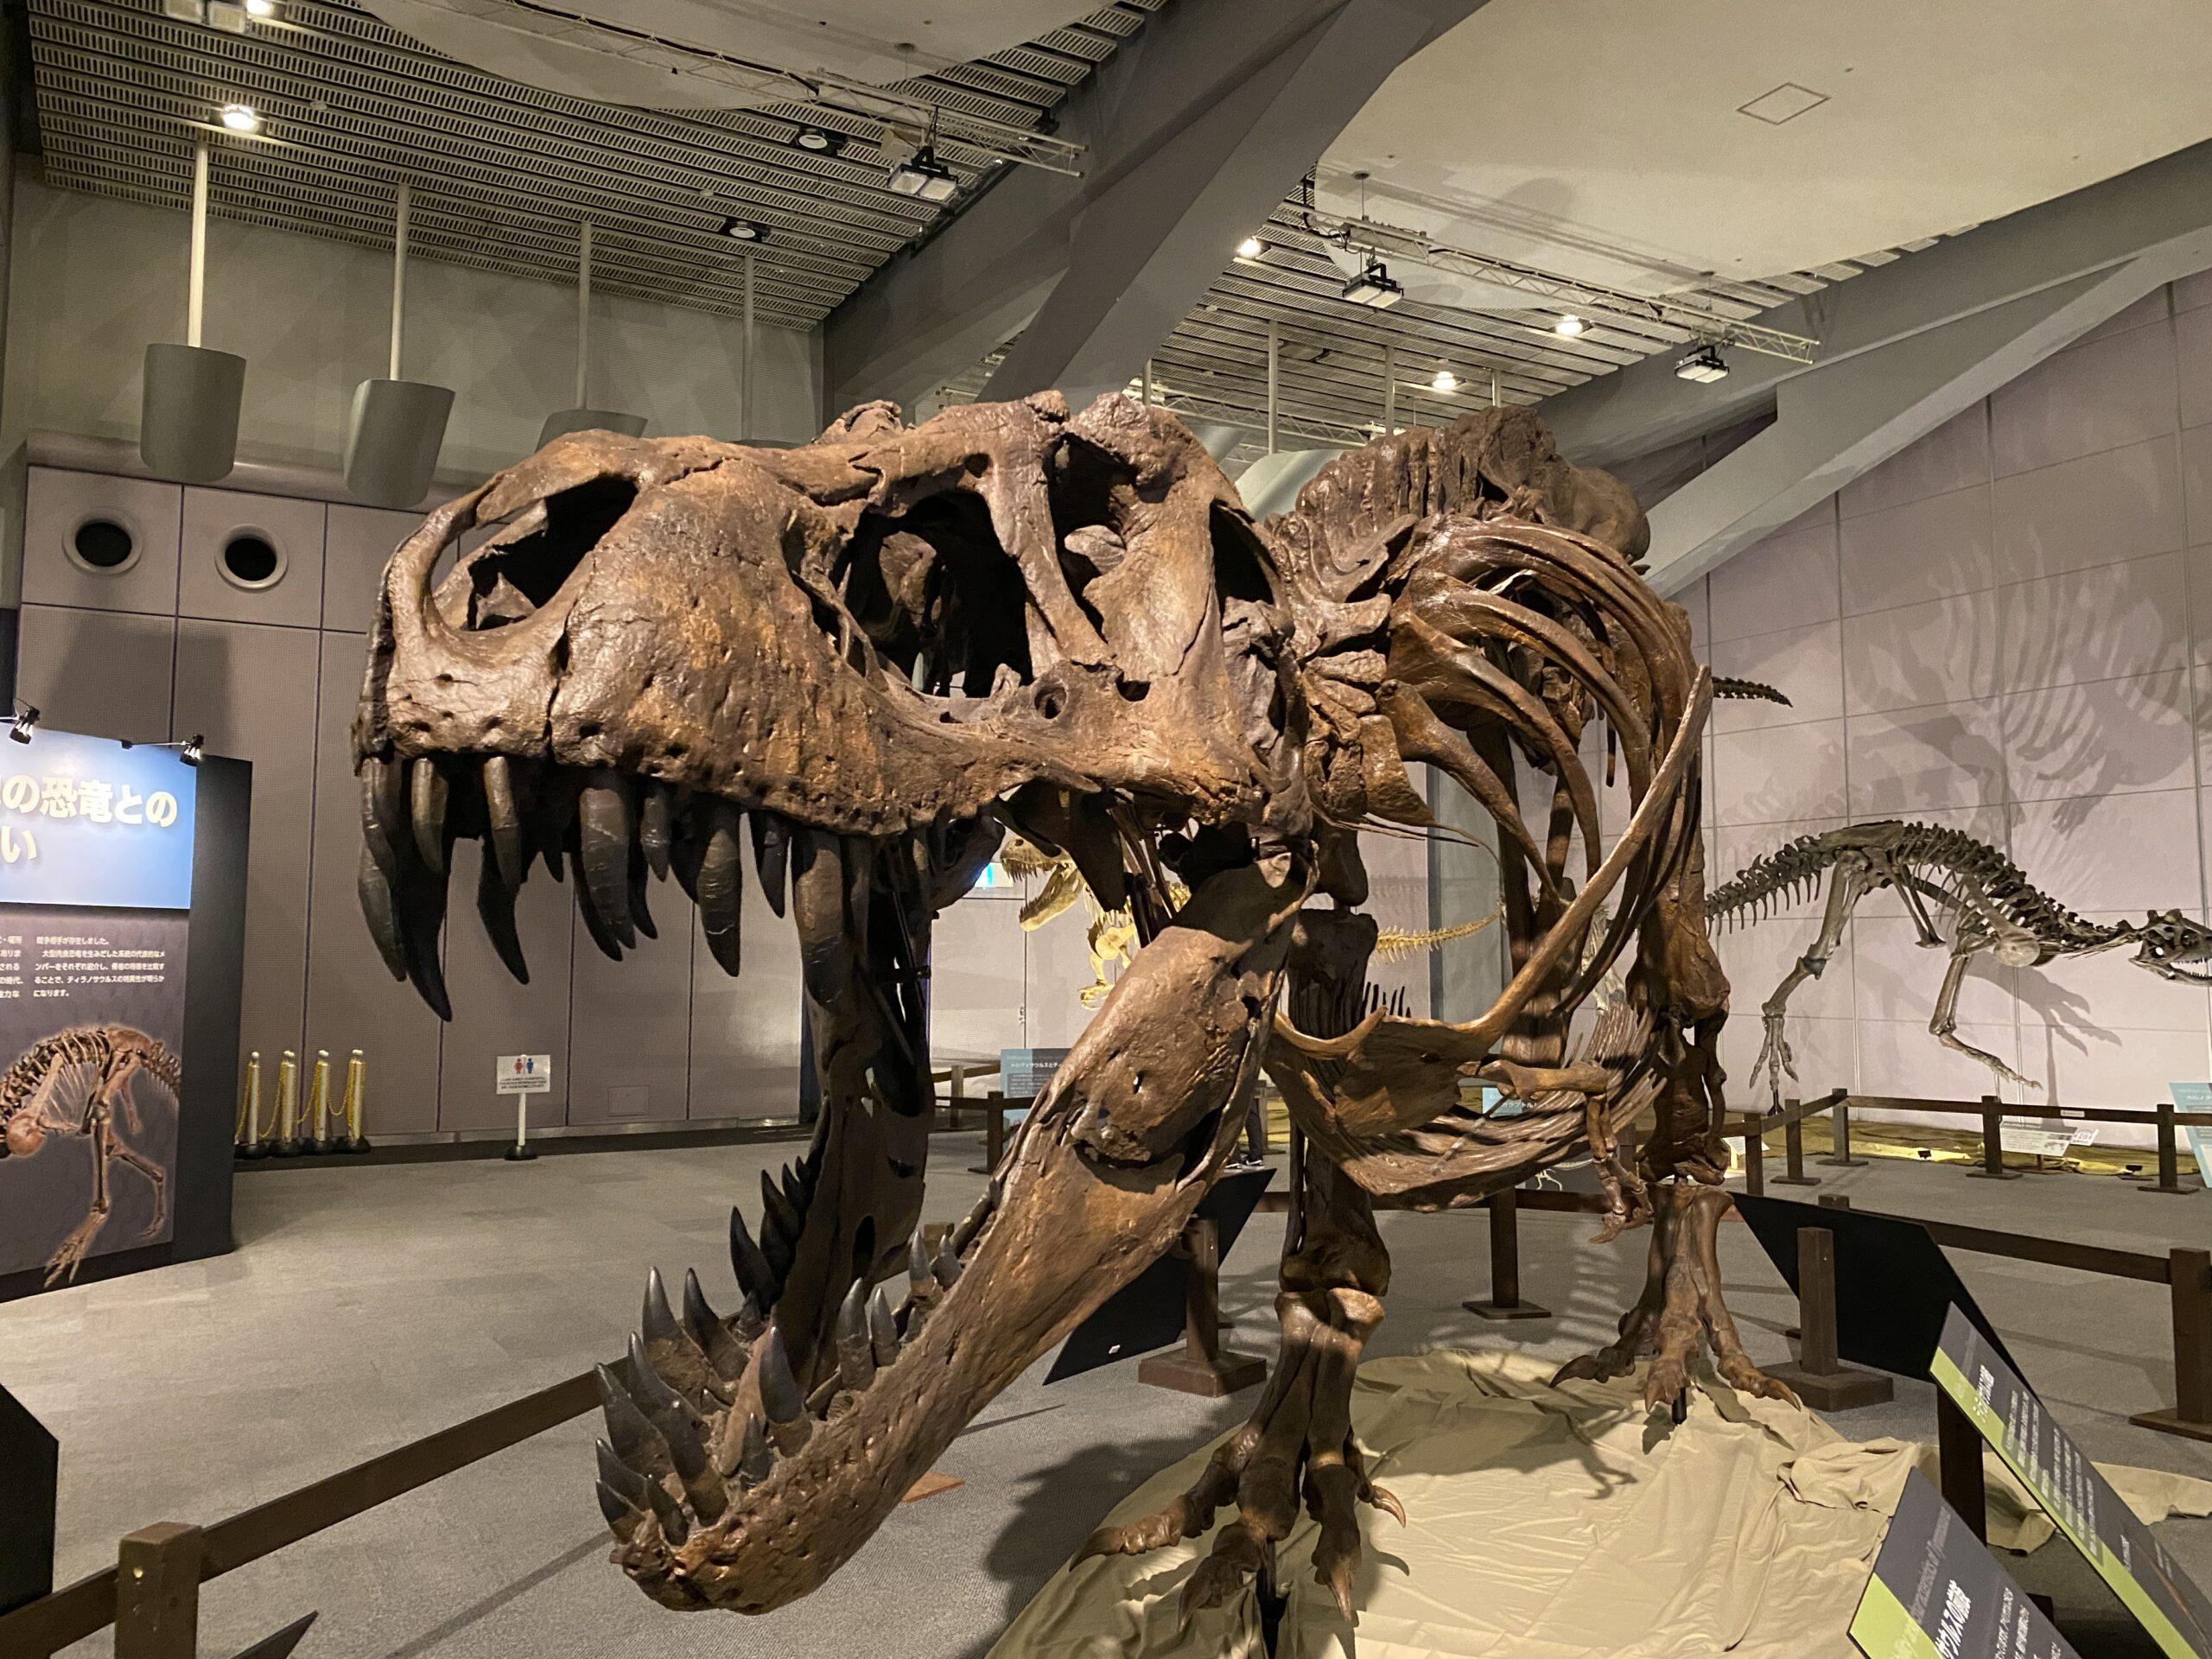 ティラノサウルス展に行ってみた【写真いっぱい】